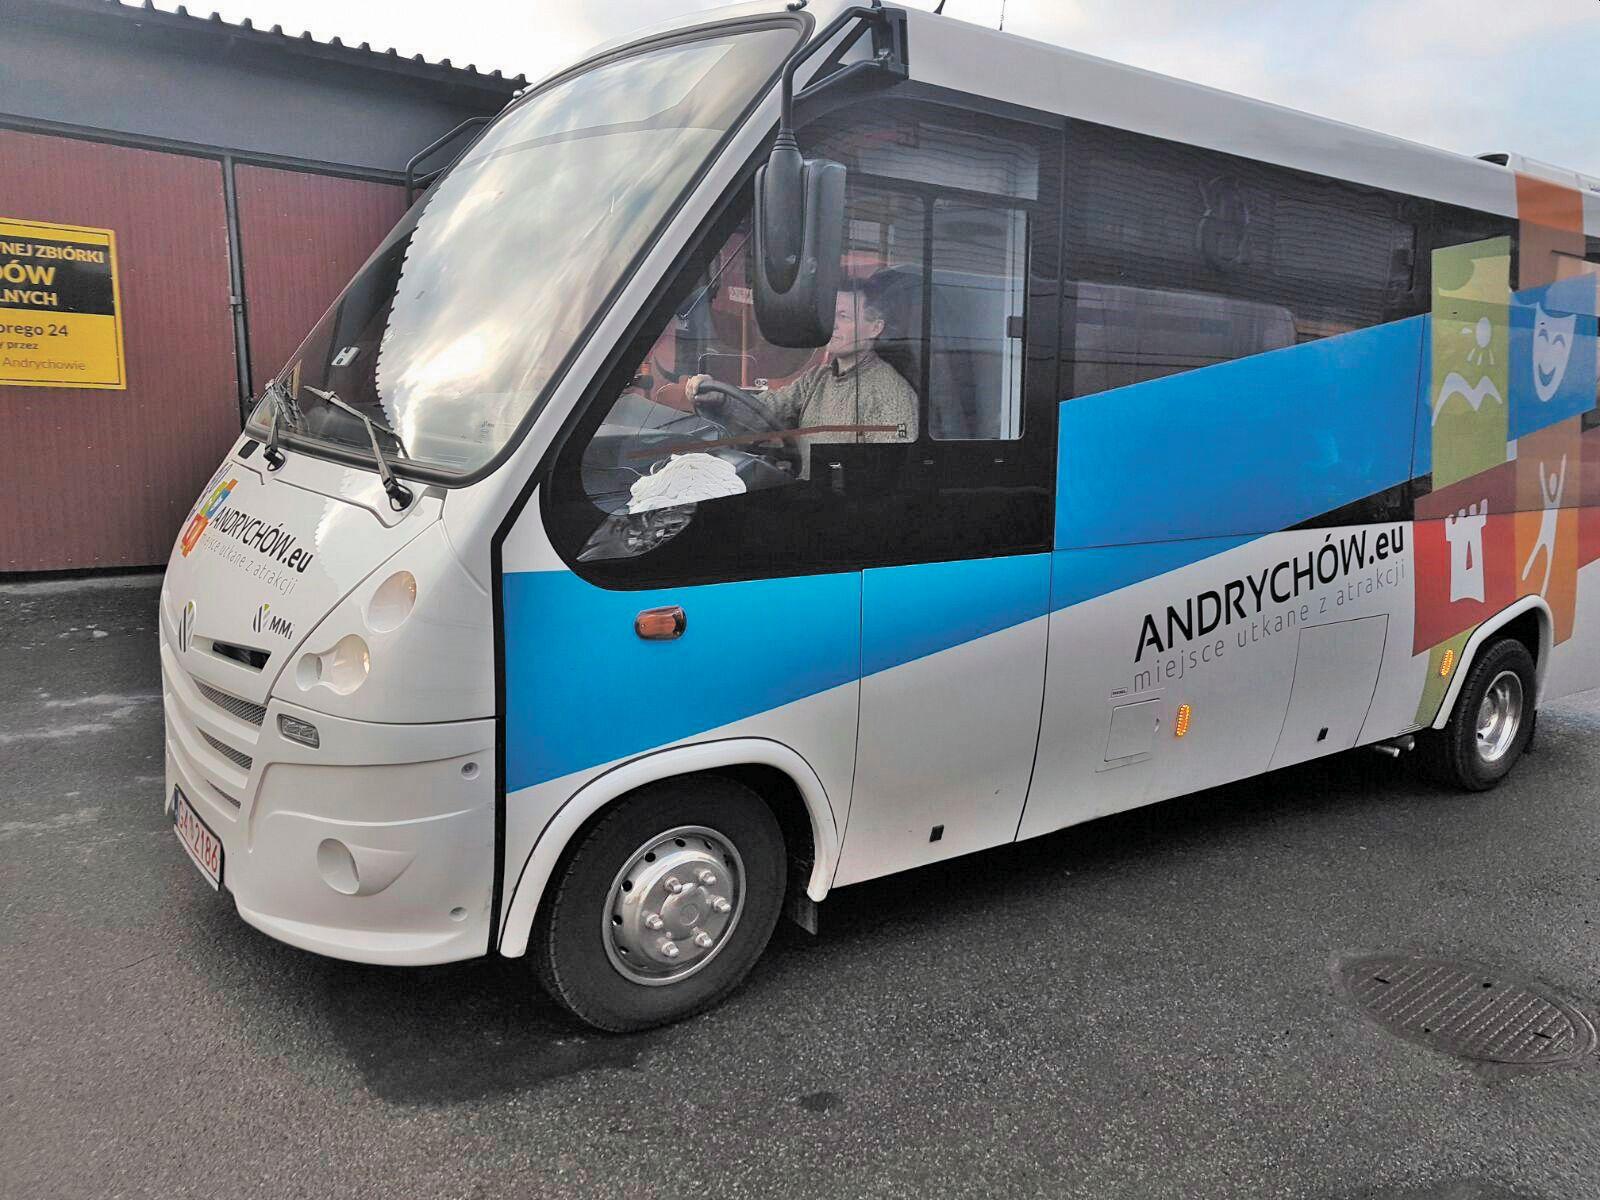 Jest ciąg dalszy sprawy zarzutów do przetargu na nowe autobusy dla Andrychowa